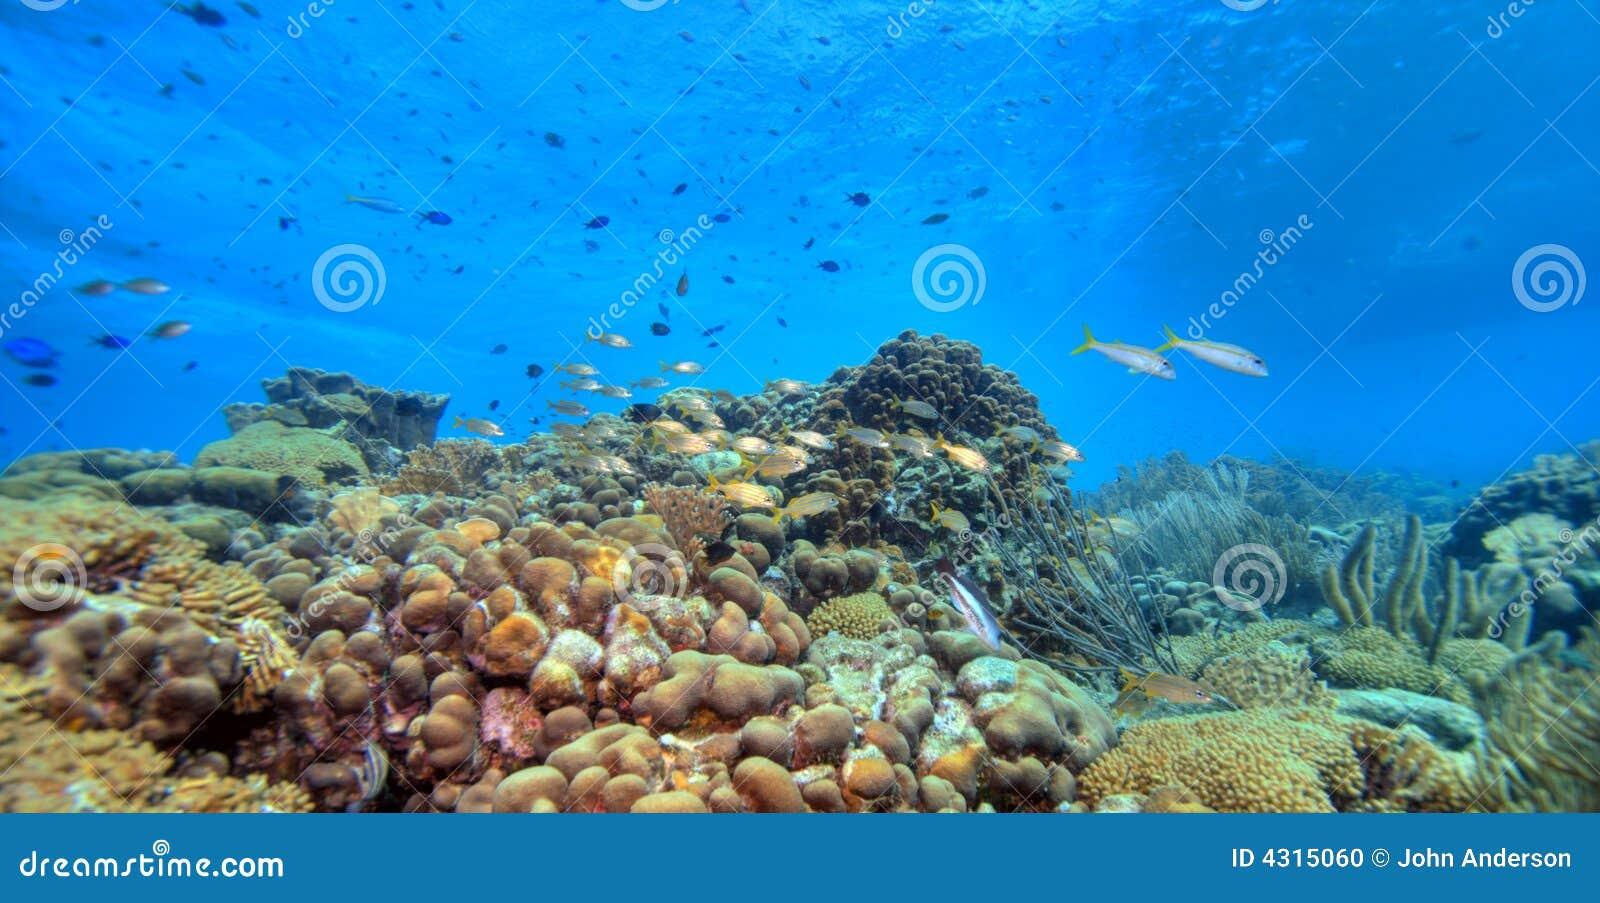 珊瑚全景礁石